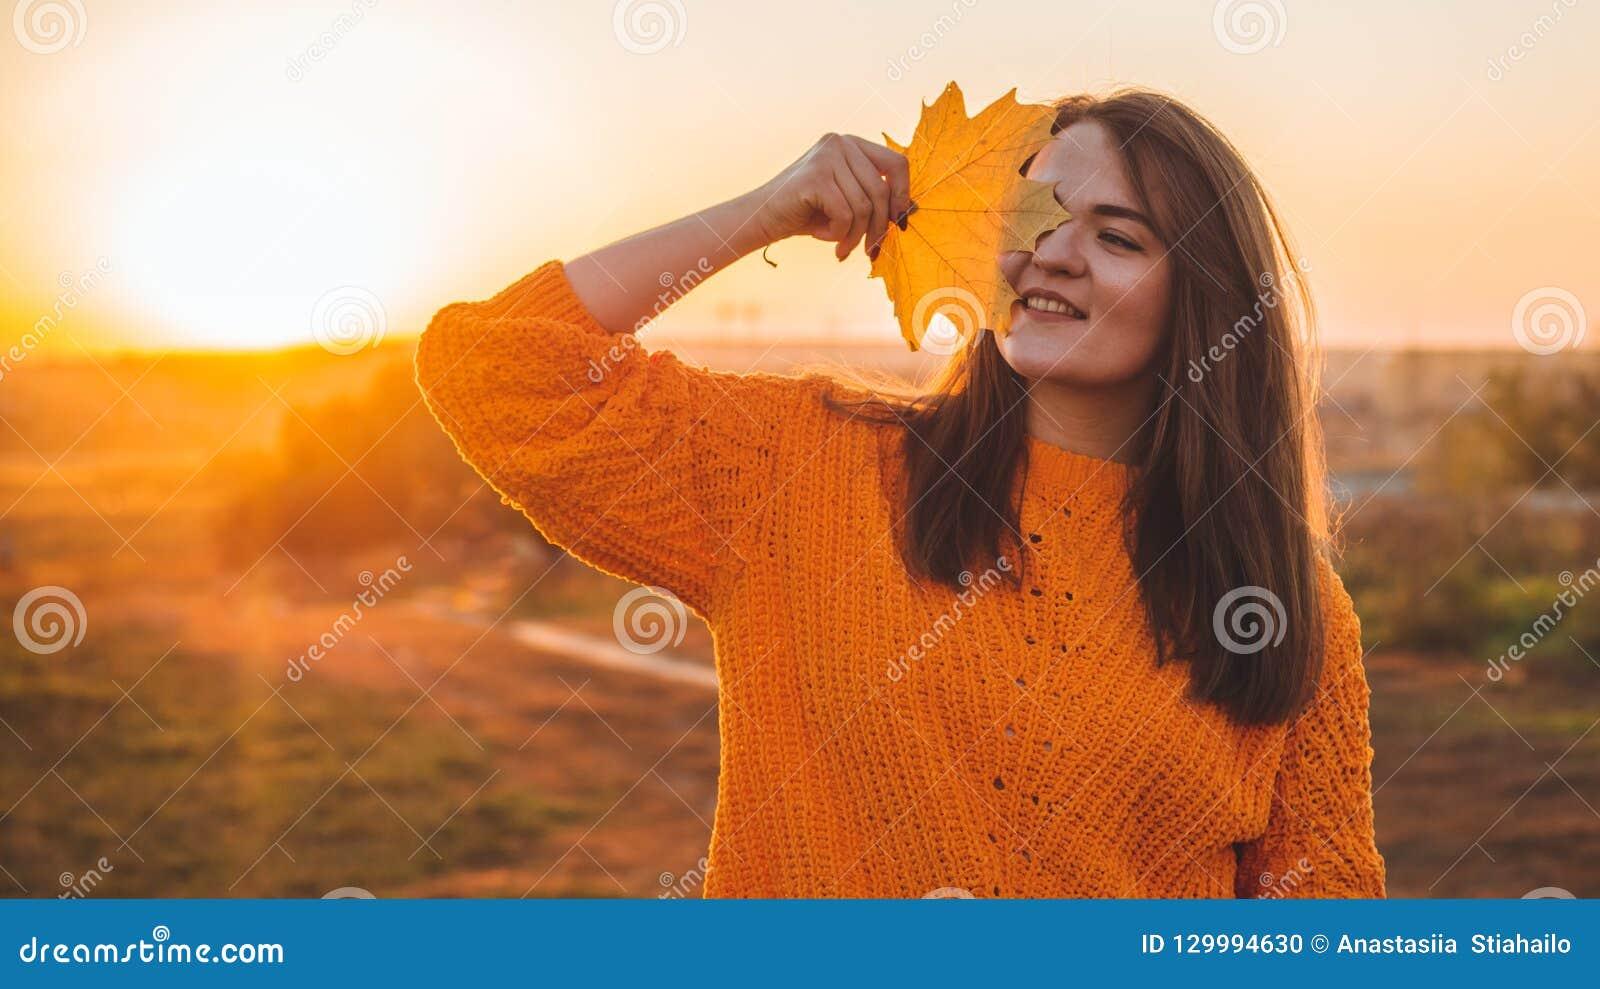 Młoda kobieta w pomarańczowym pulowerze z z żółtymi liśćmi, plenerowy portret w miękkim pogodnym świetle dziennym Jesień Zmierzch